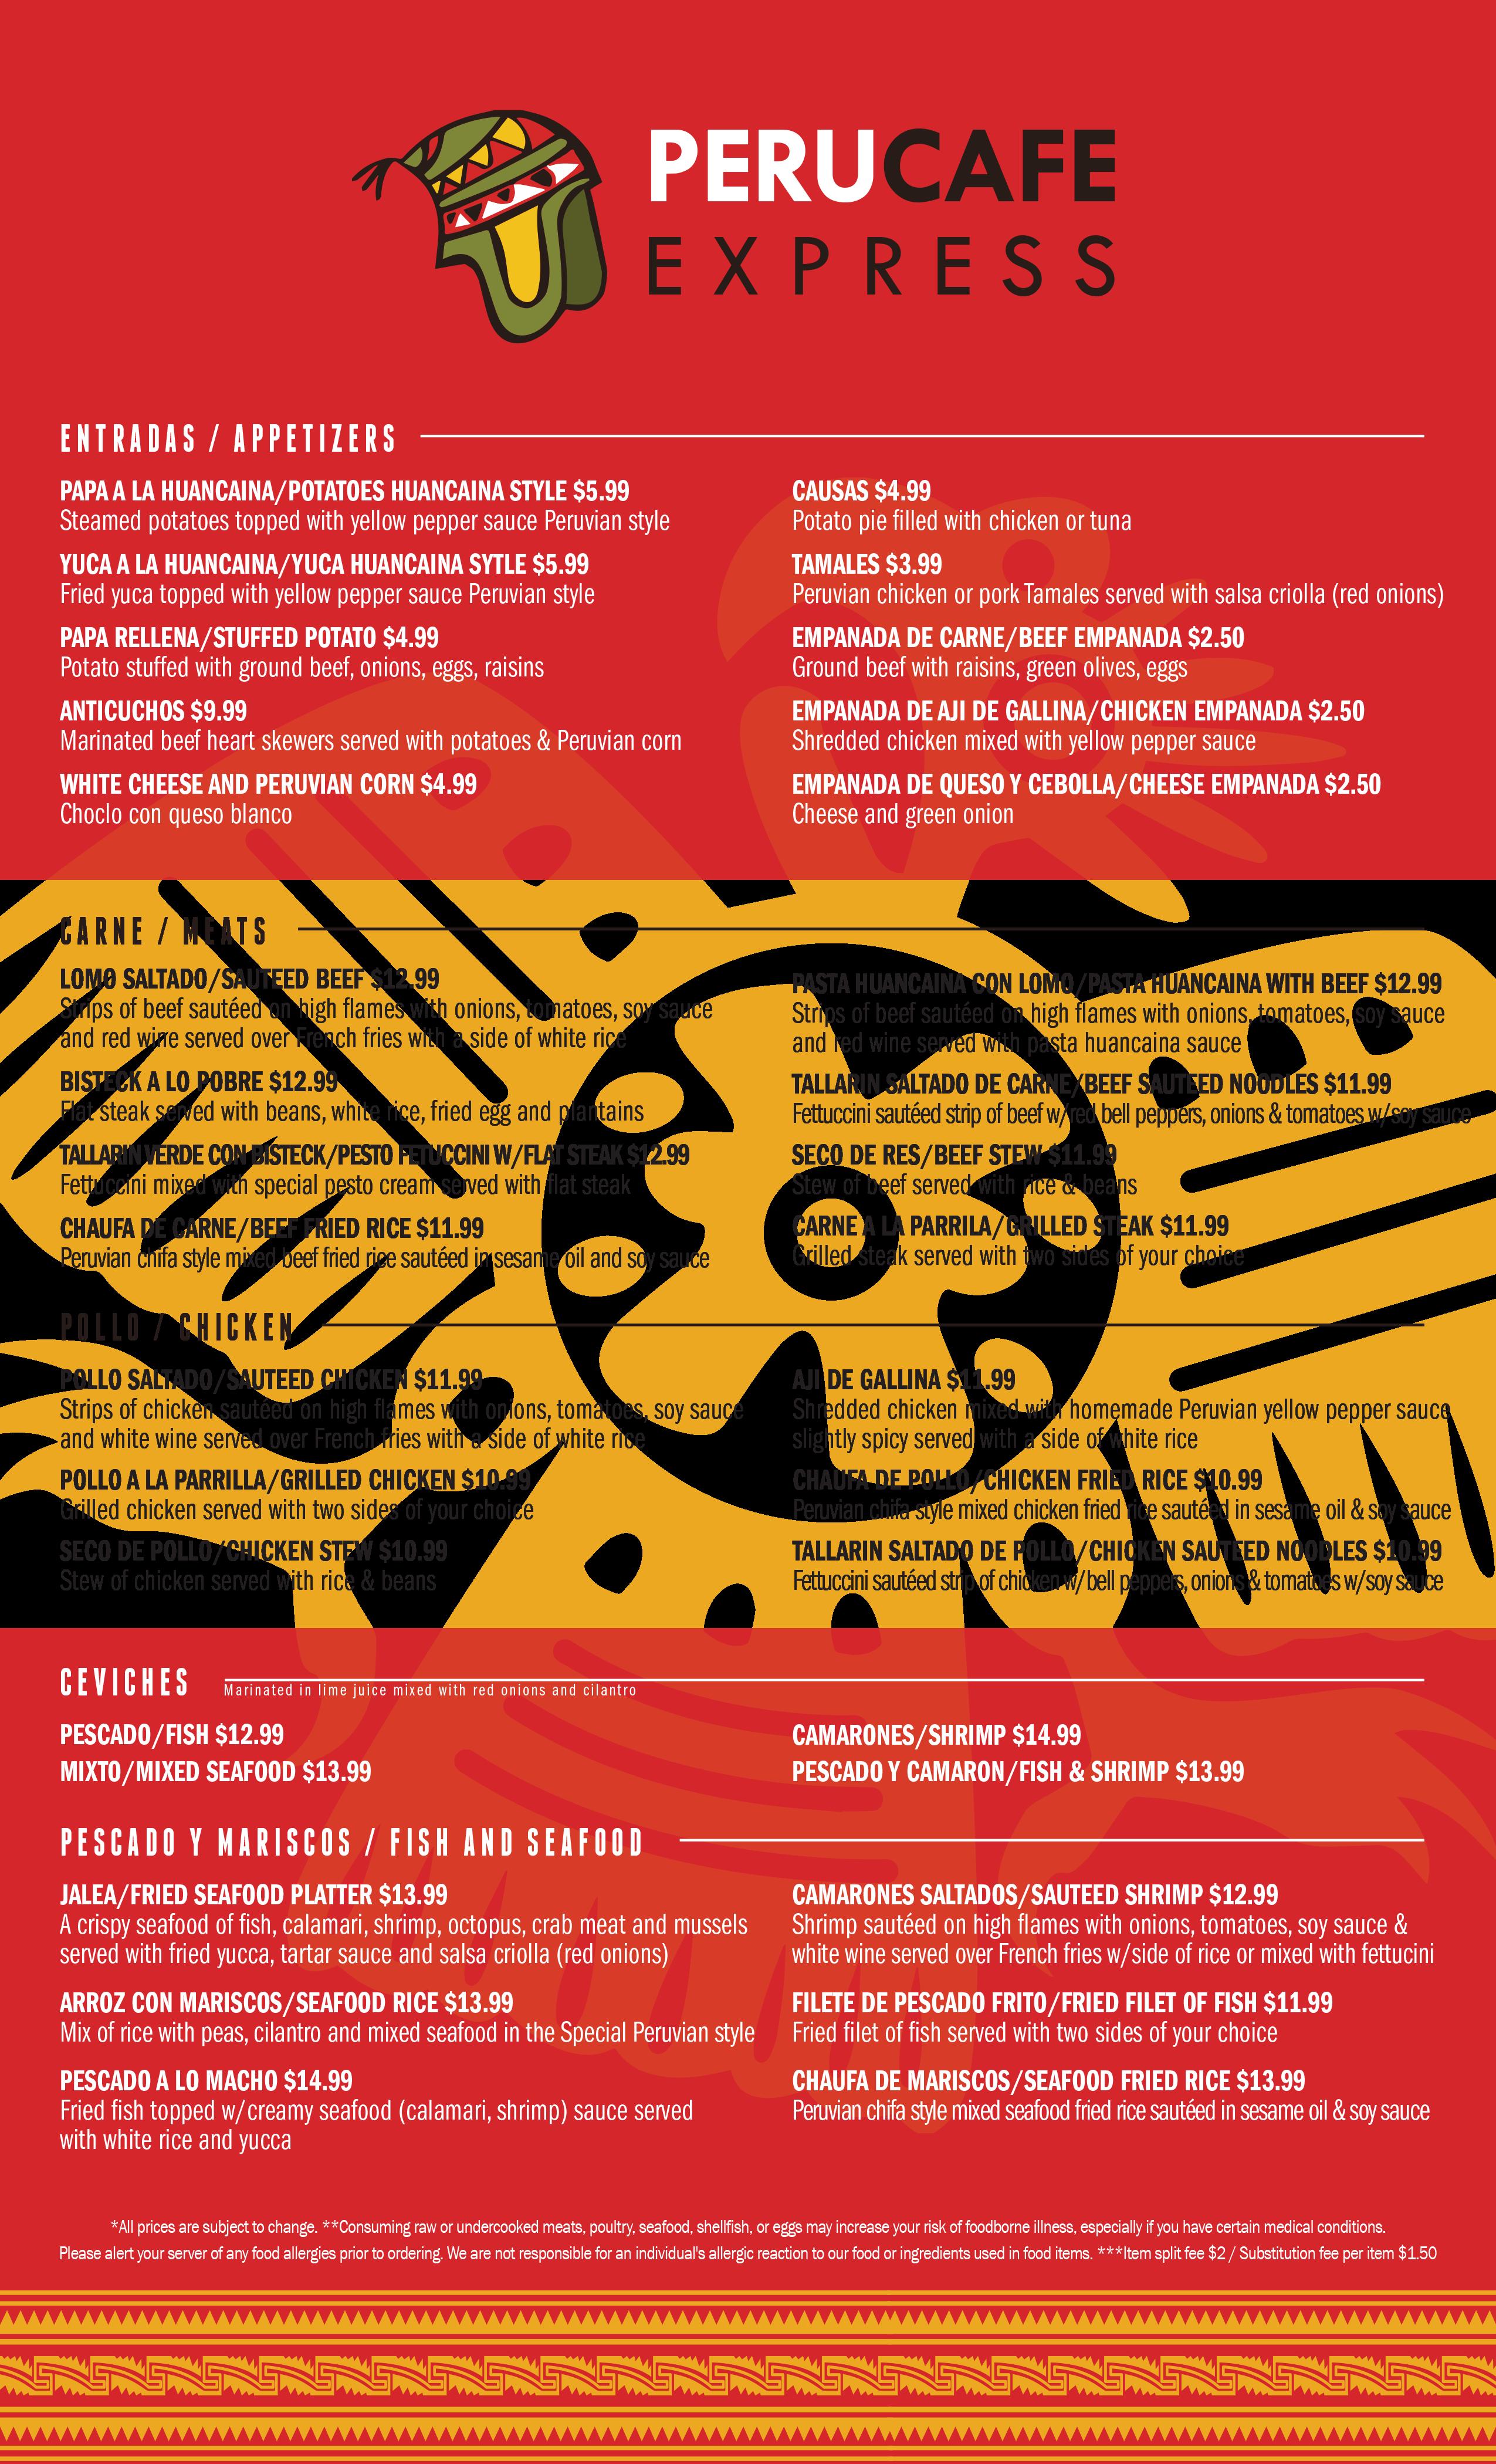 1peru_cafe-menu-1